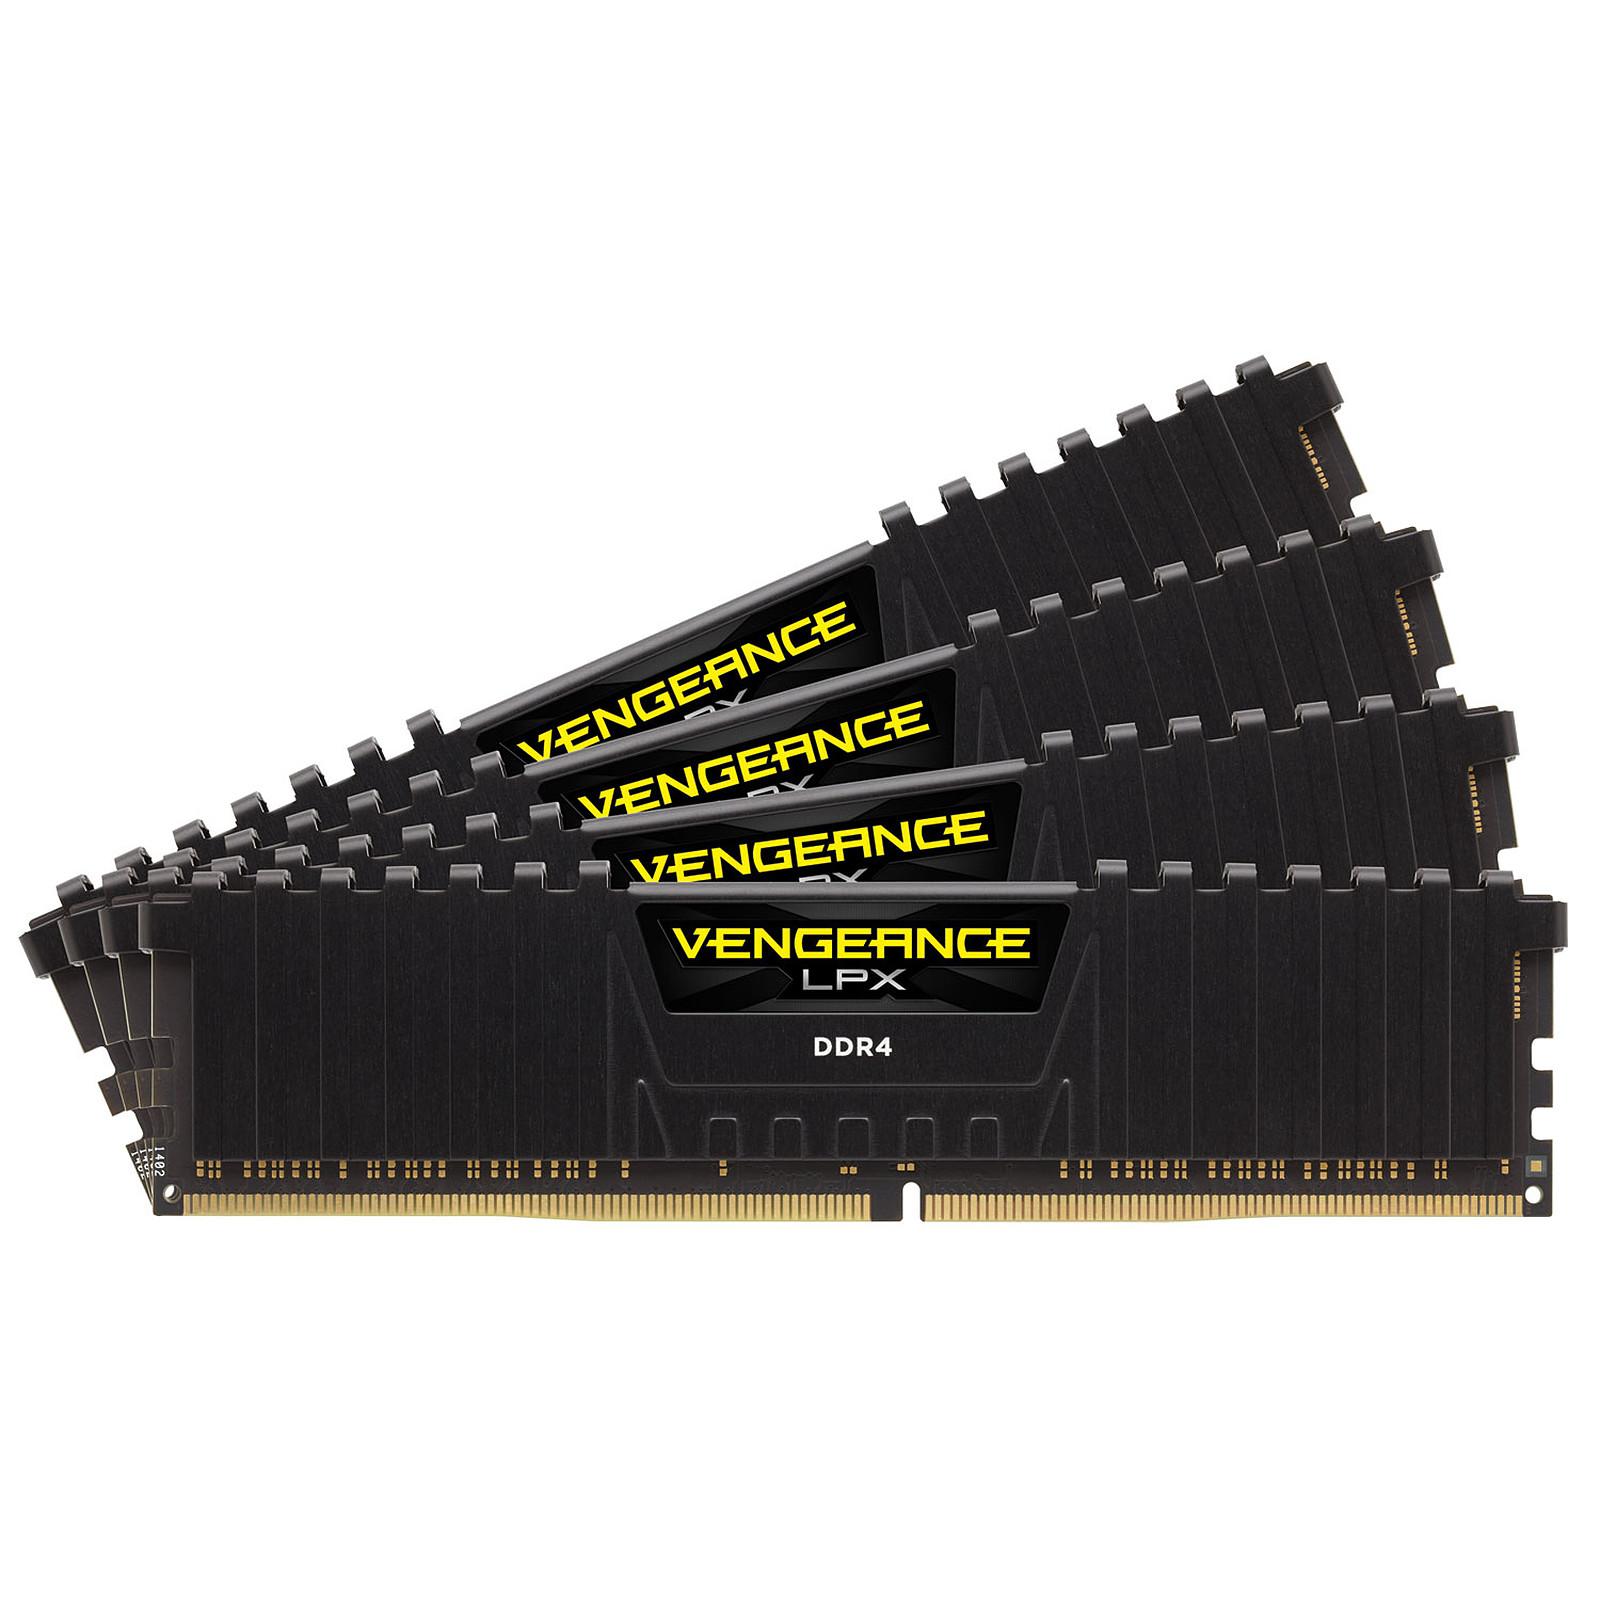 Corsair Vengeance LPX Series Low Profile 32GB (4x 8GB) DDR4 2933 MHz CL16